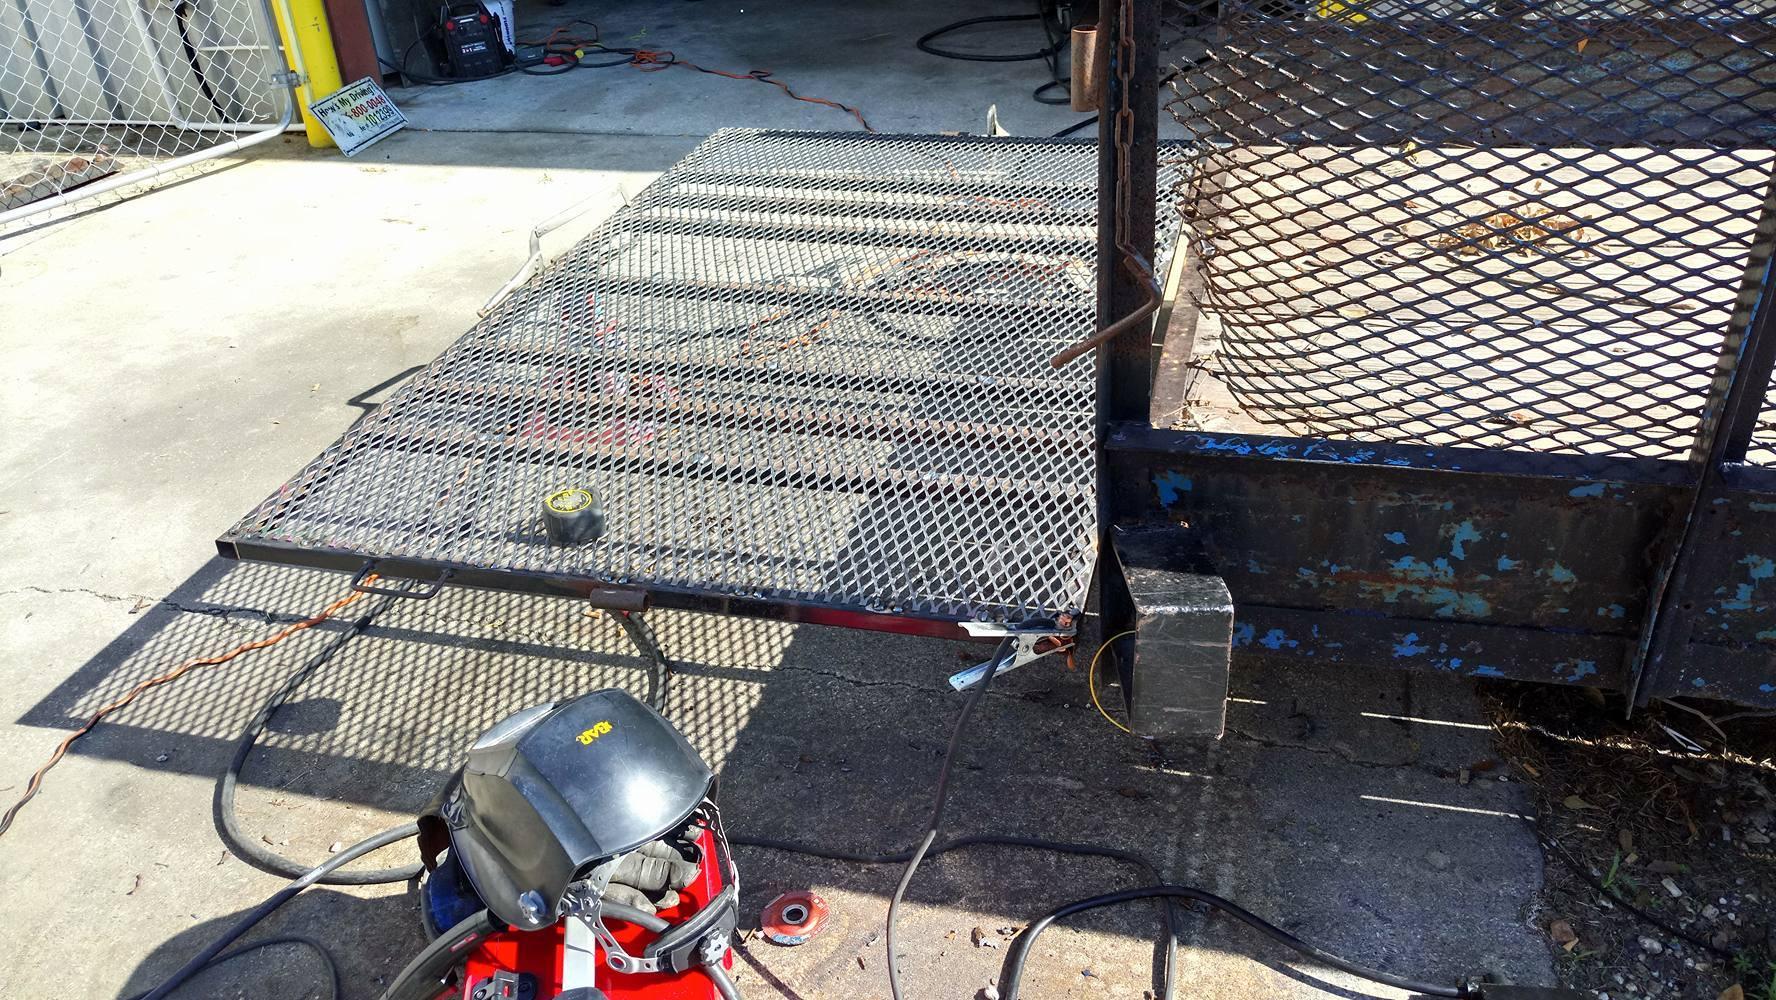 Trailer after welding a new metal mesh